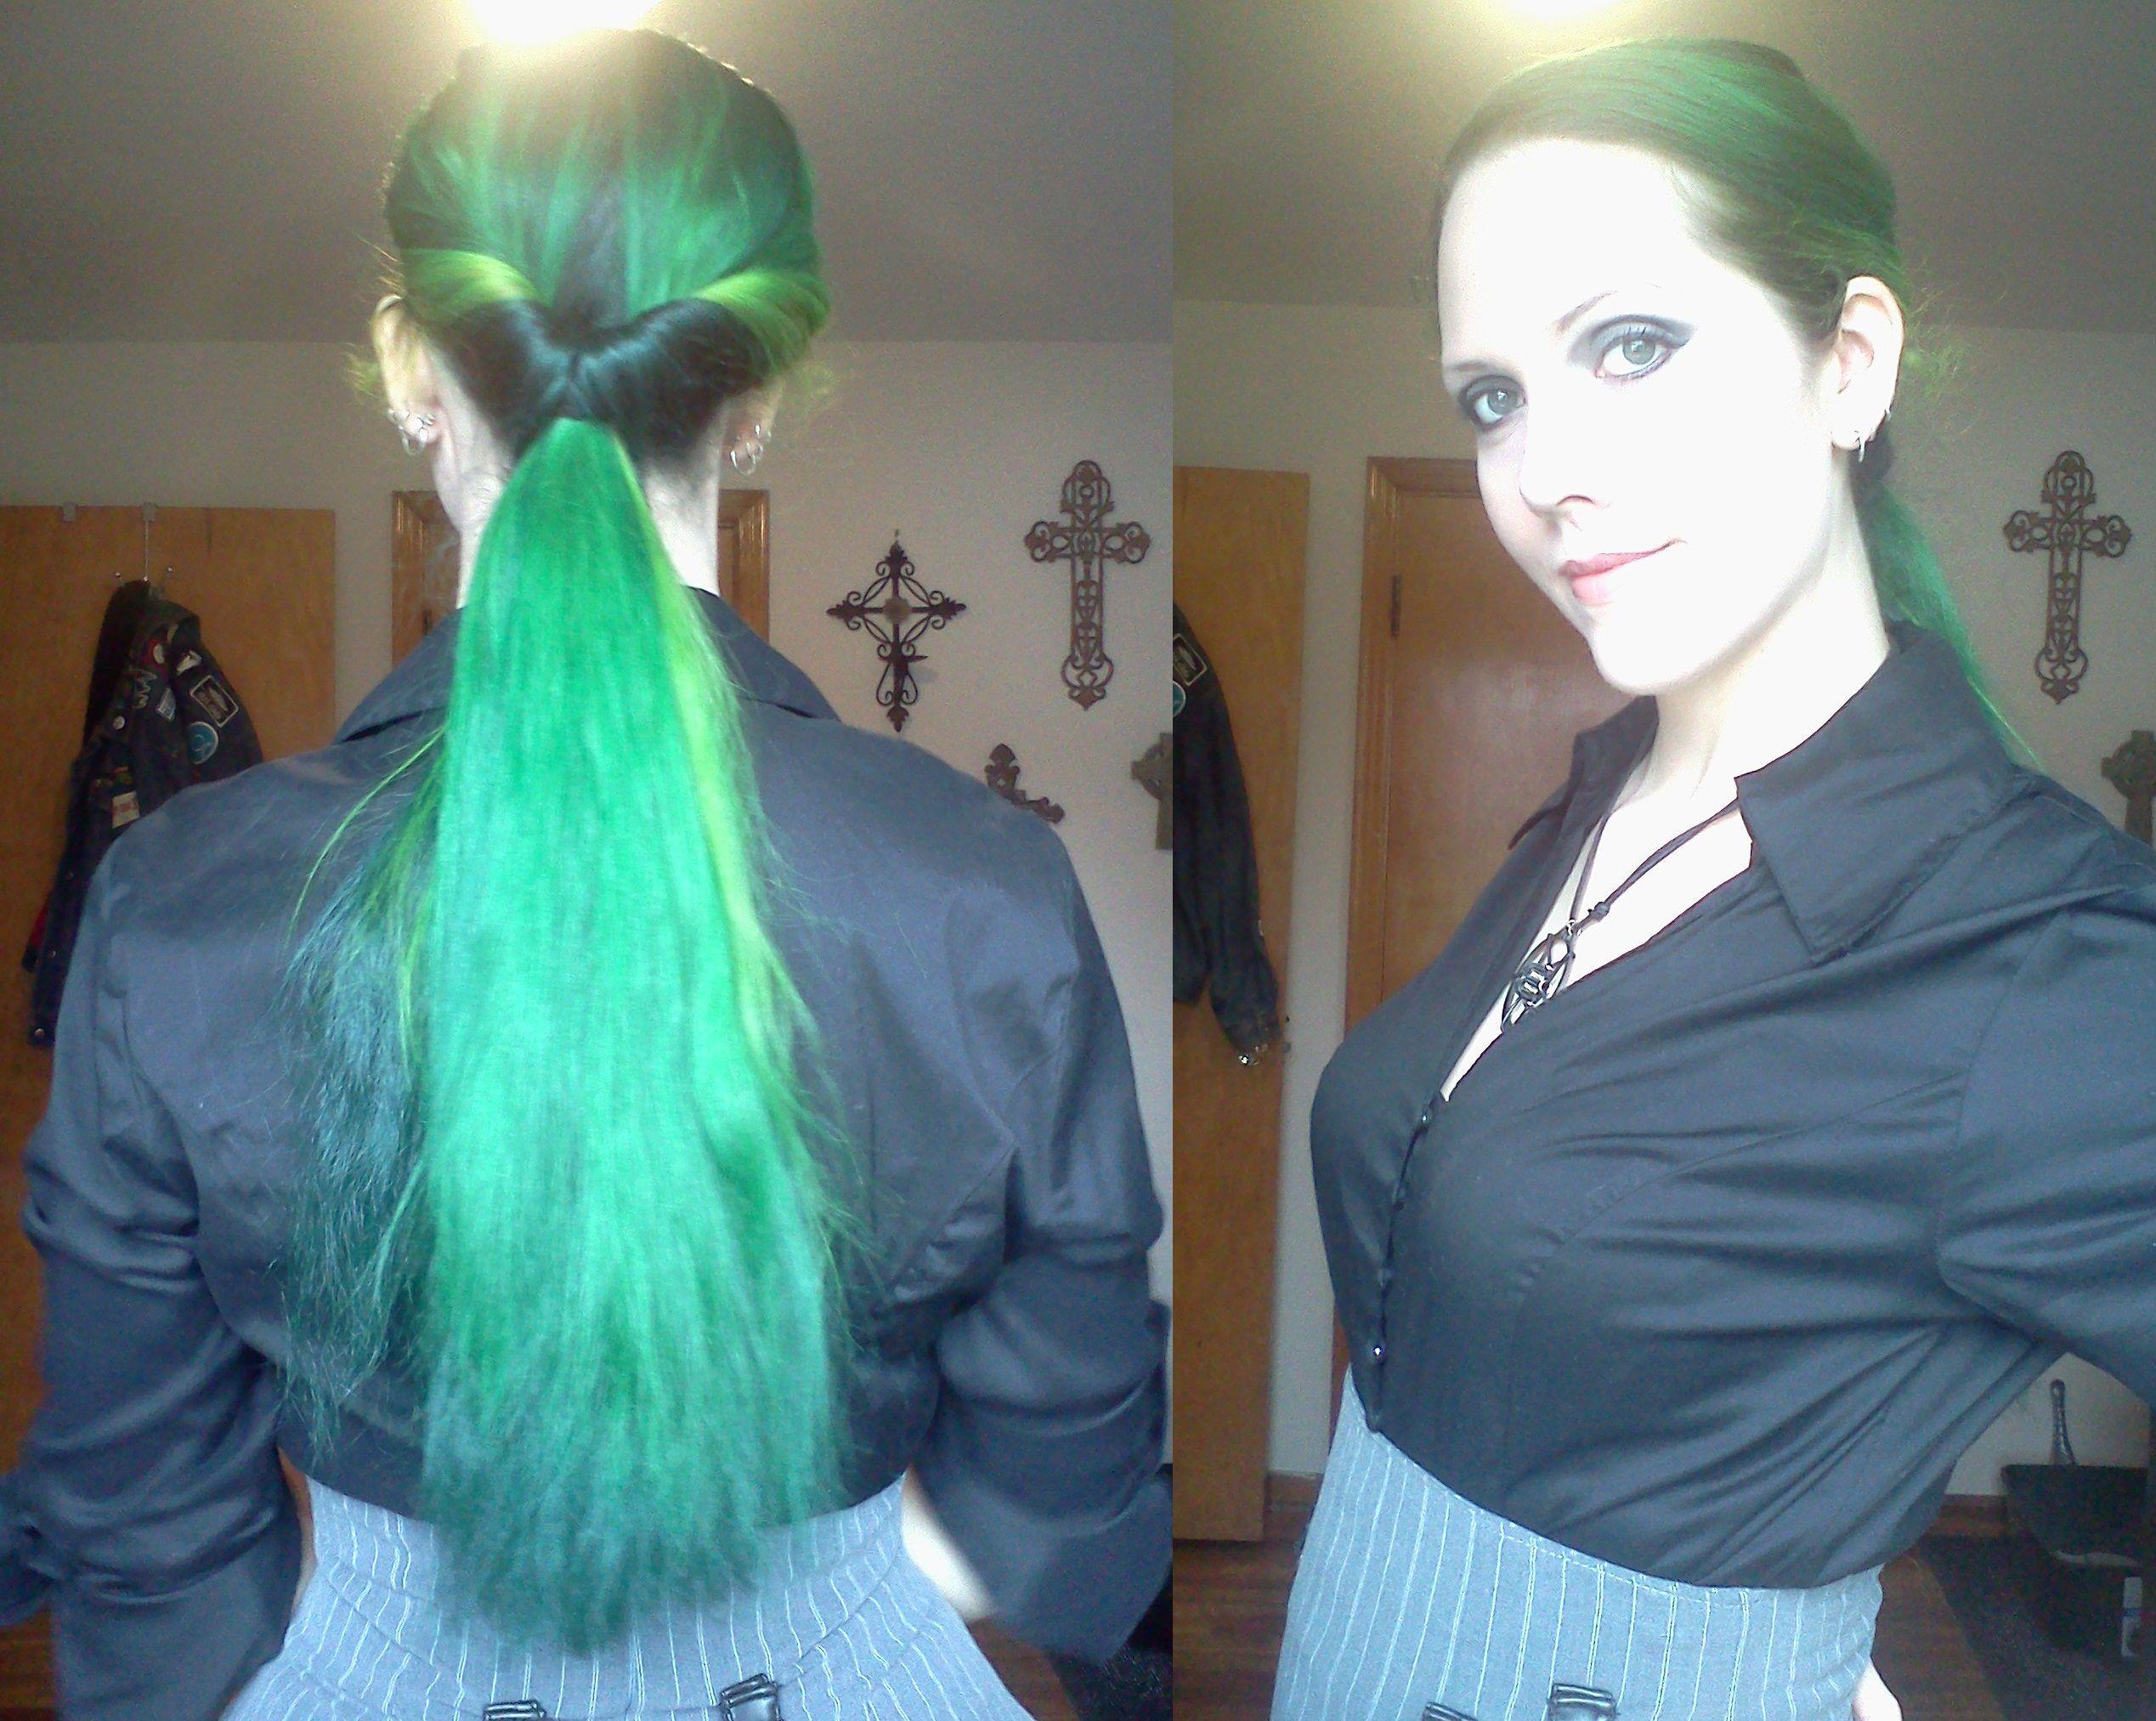 Sally van eycke sally mcwilliam van eycke green hair long